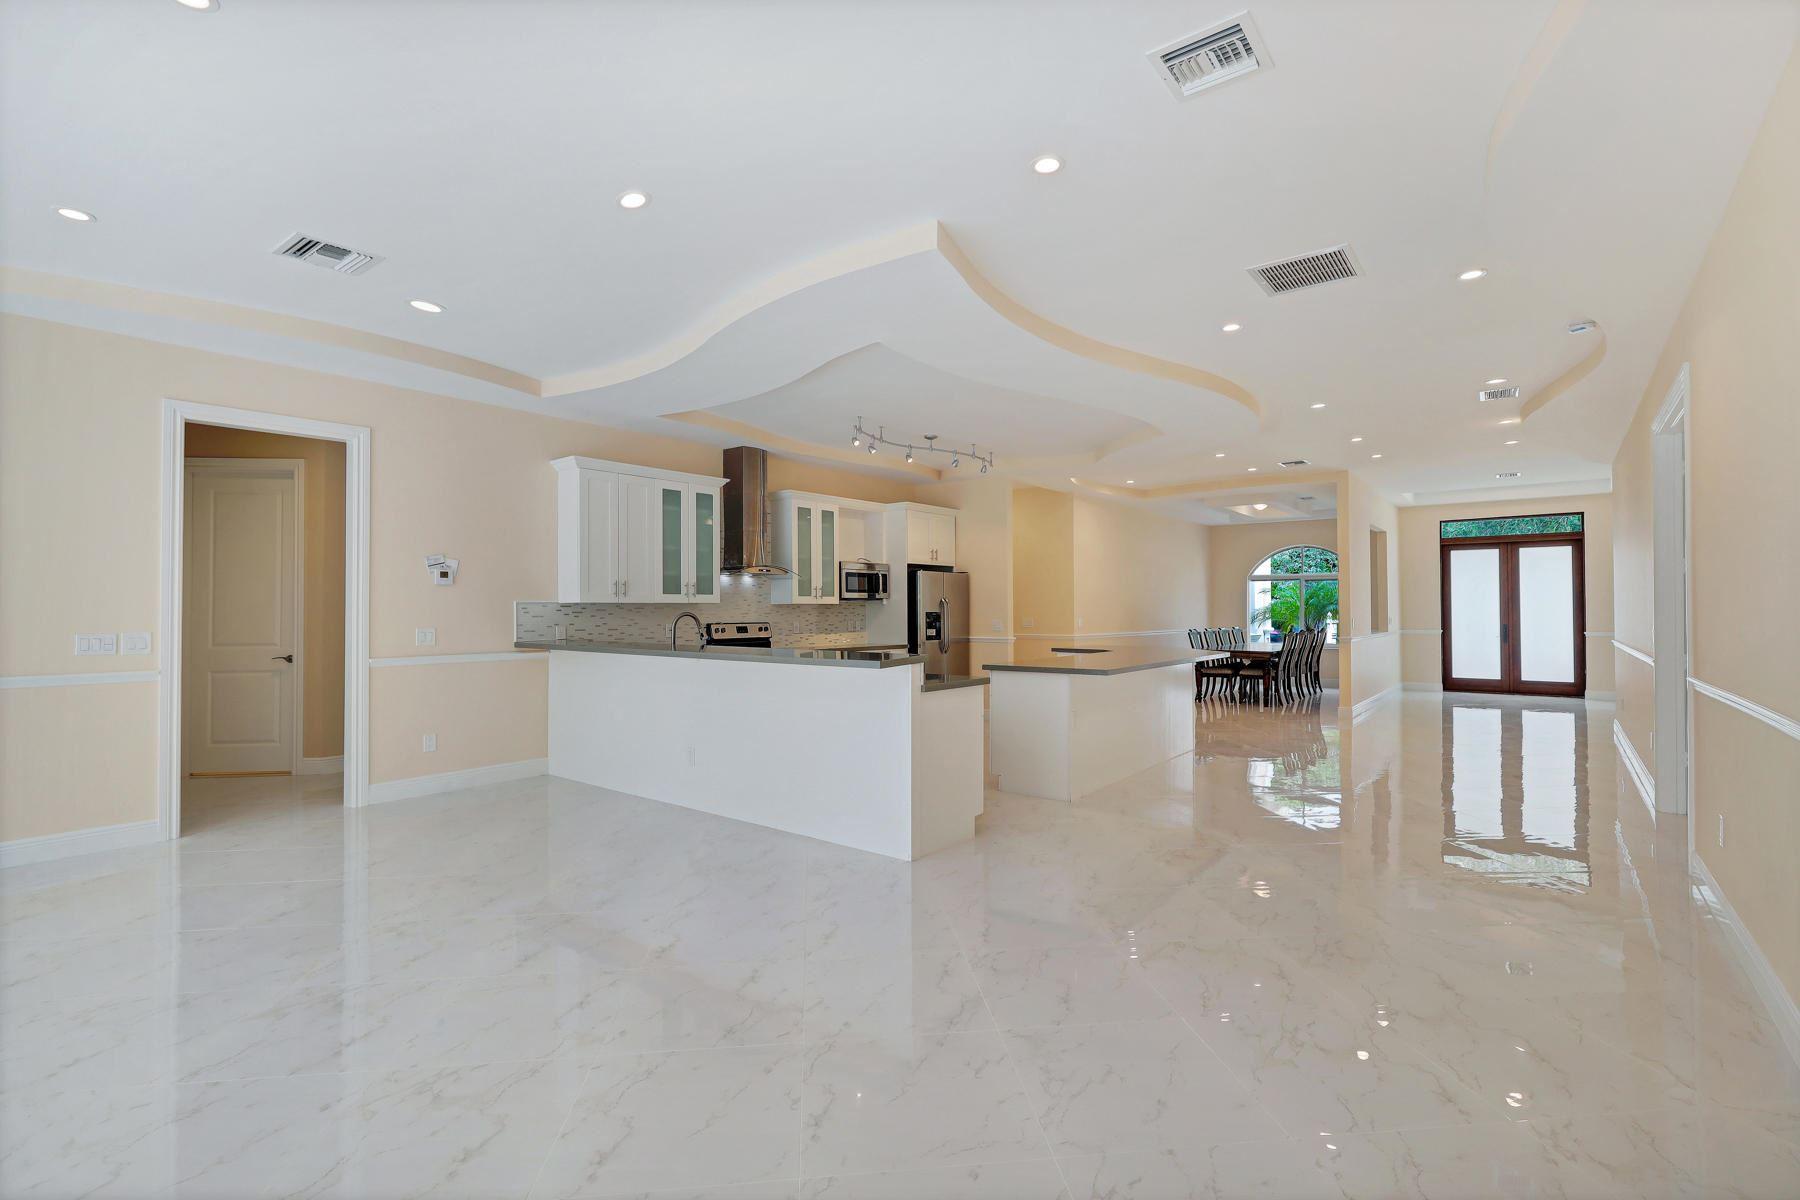 951 NW 2 Avenue, Boca Raton, FL 33432 - #: RX-10674398